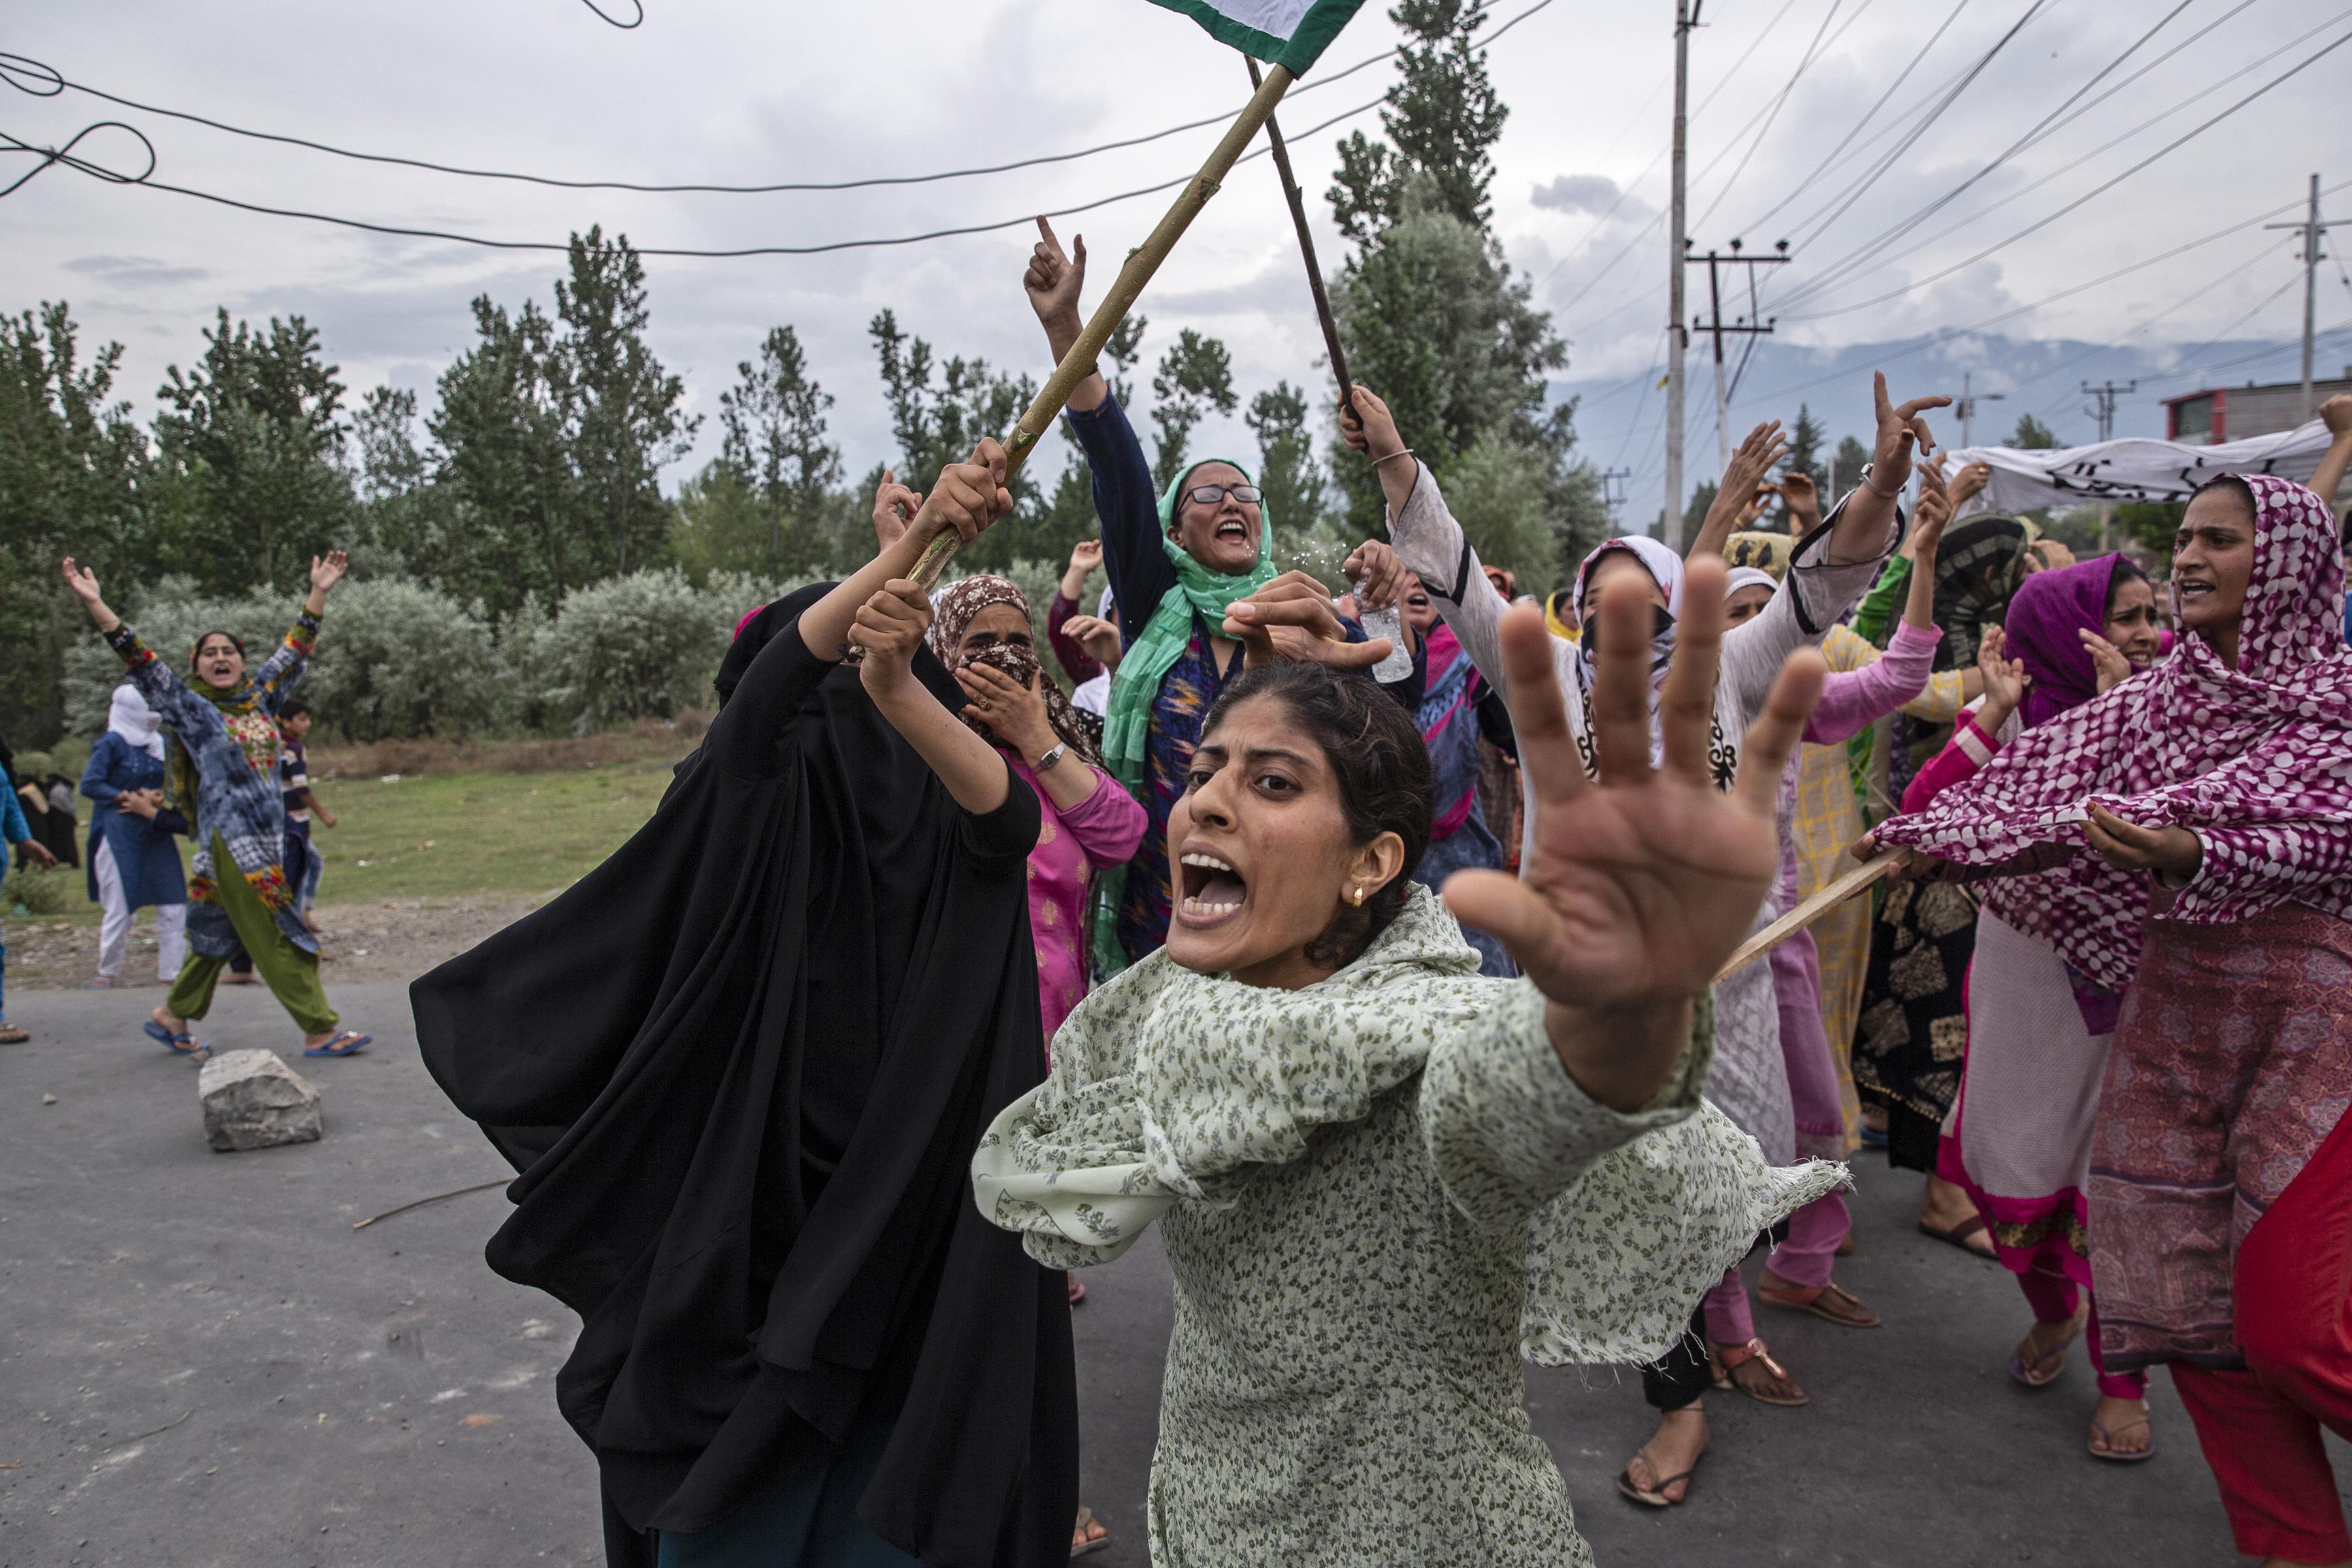 Las mujeres gritan consignas mientras los policías indios disparan gases lacrimógenos y municiones en el aire para detener una marcha de protesta en Srinagar (Foto AP / Dar Yasin)